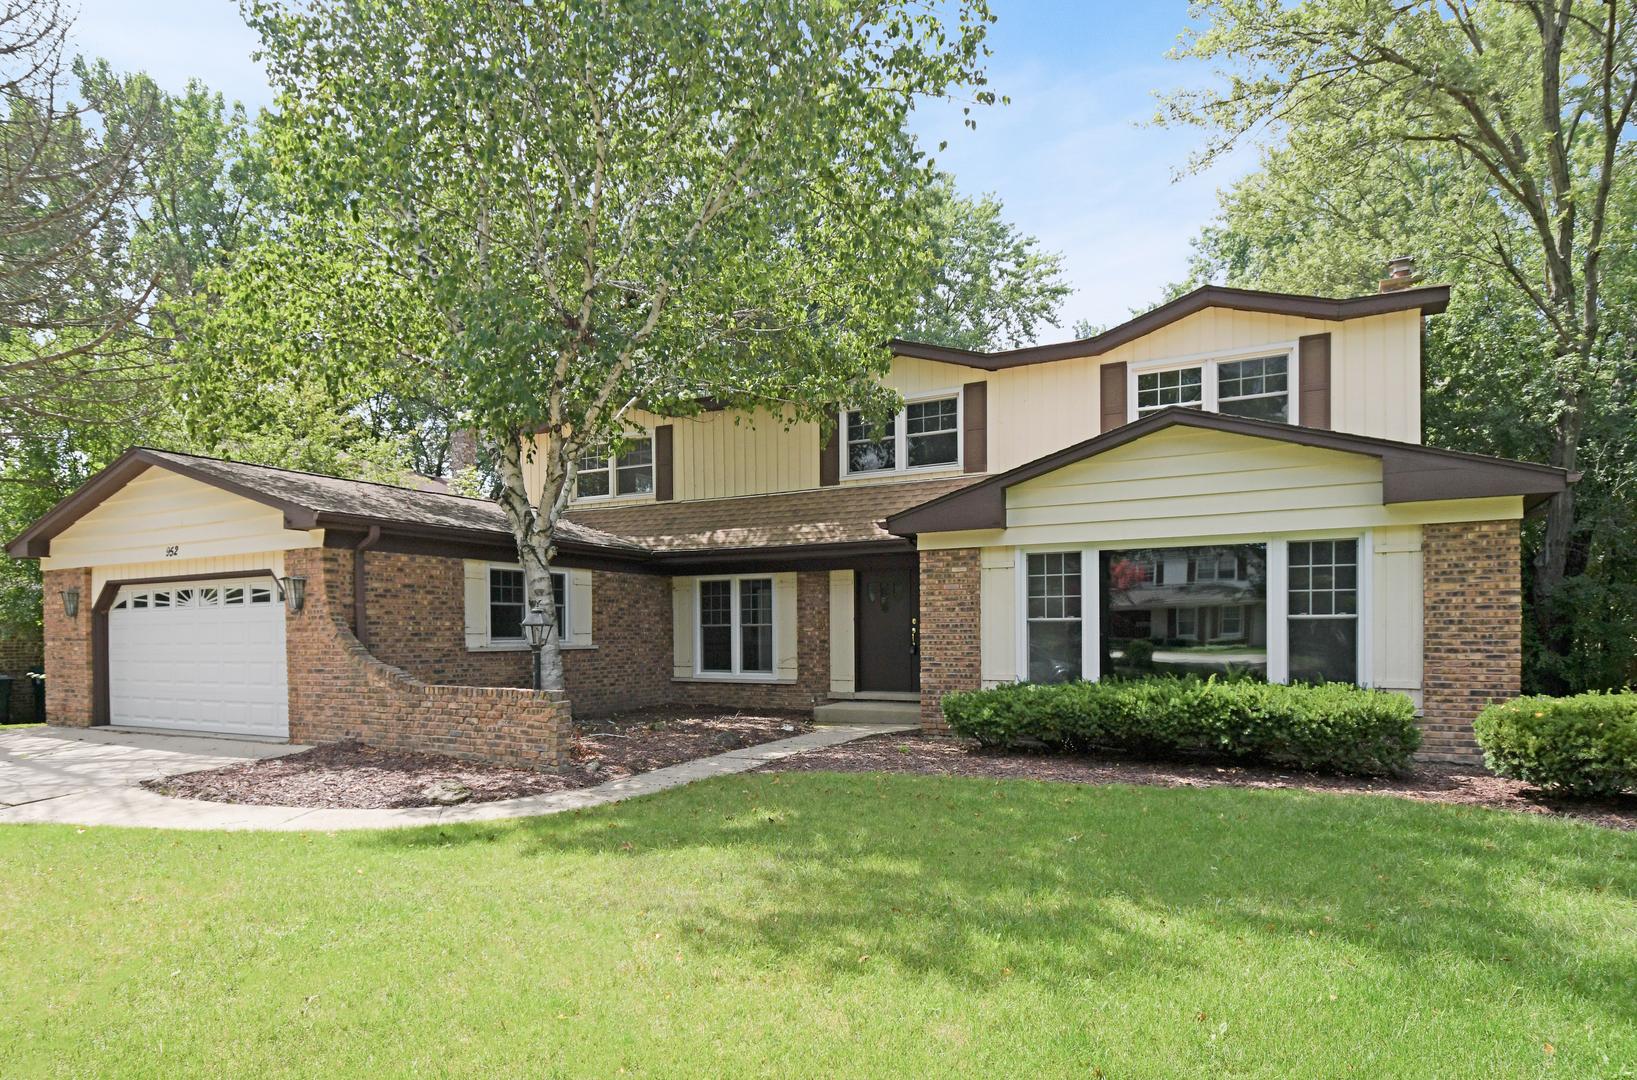 952 Suffield ,Northbrook, Illinois 60062